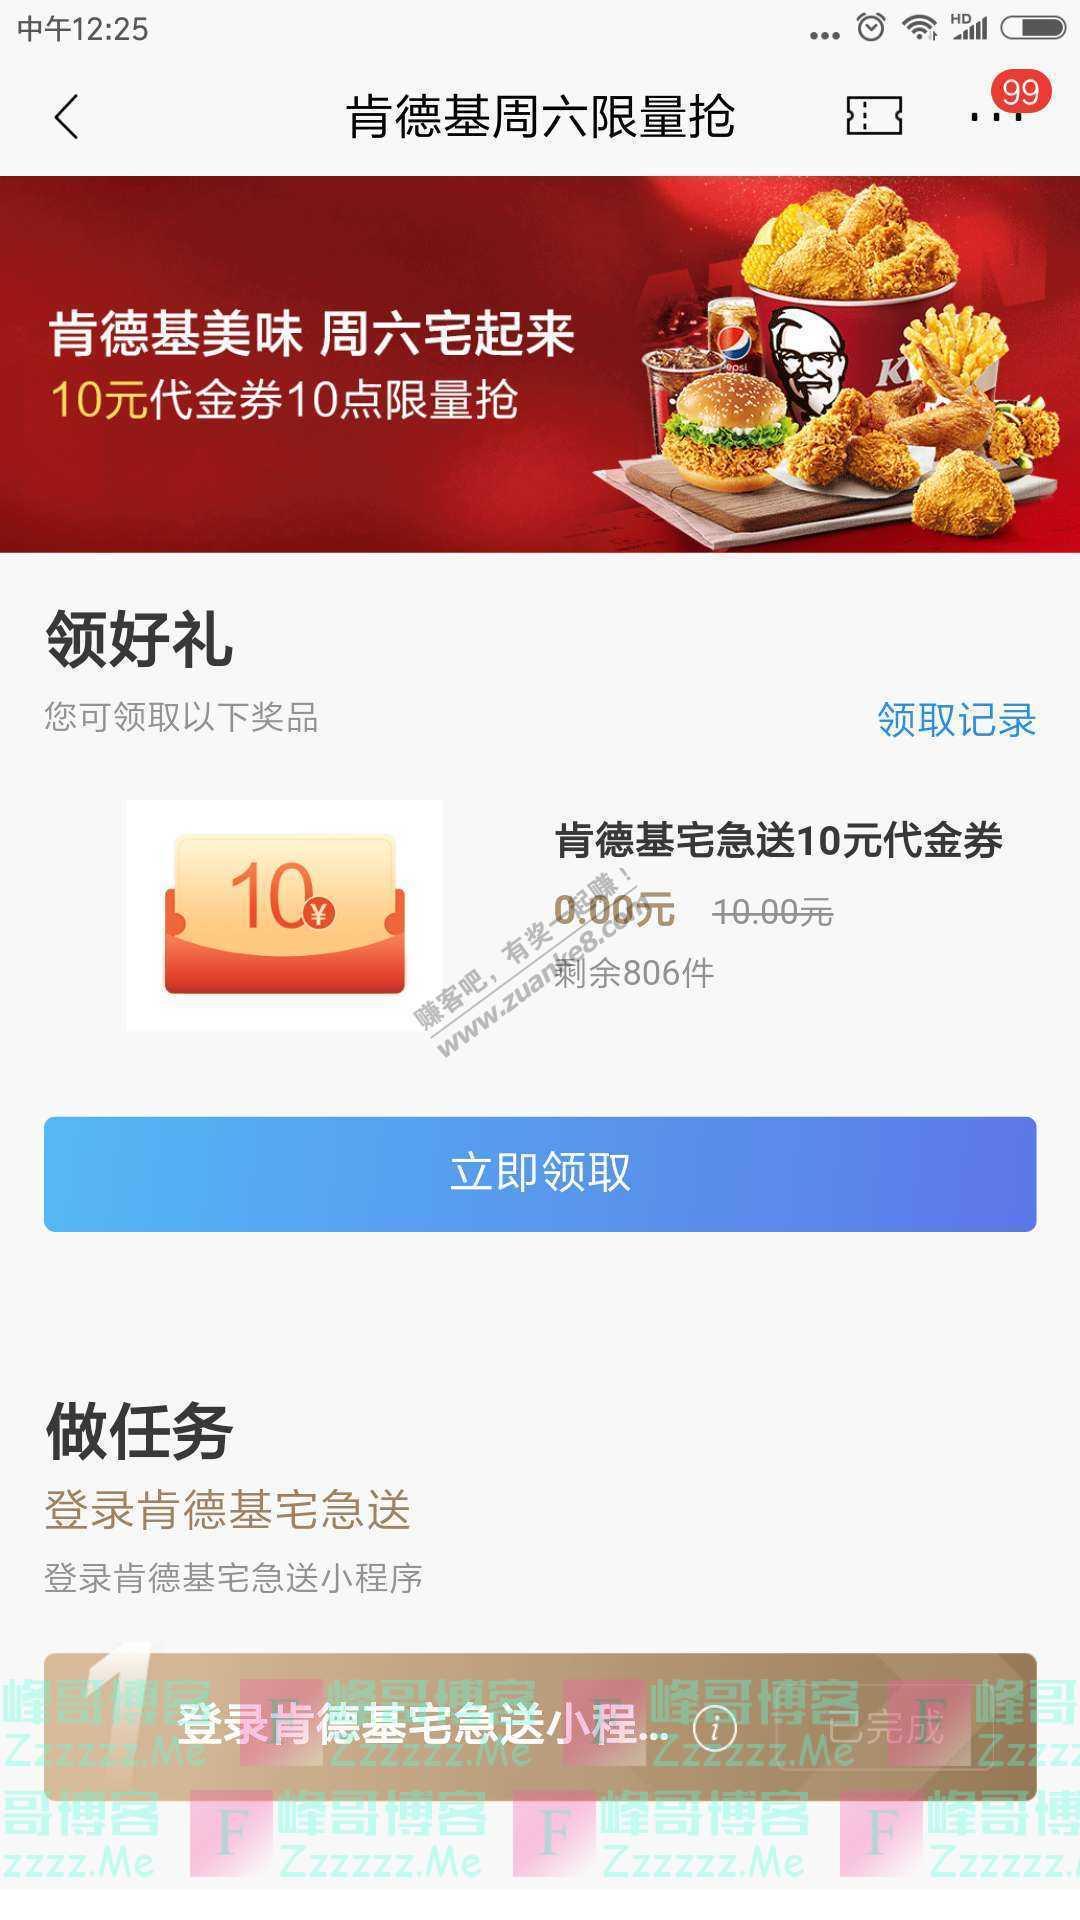 招商银行app肯德基周六限量抢(截止11月30日)